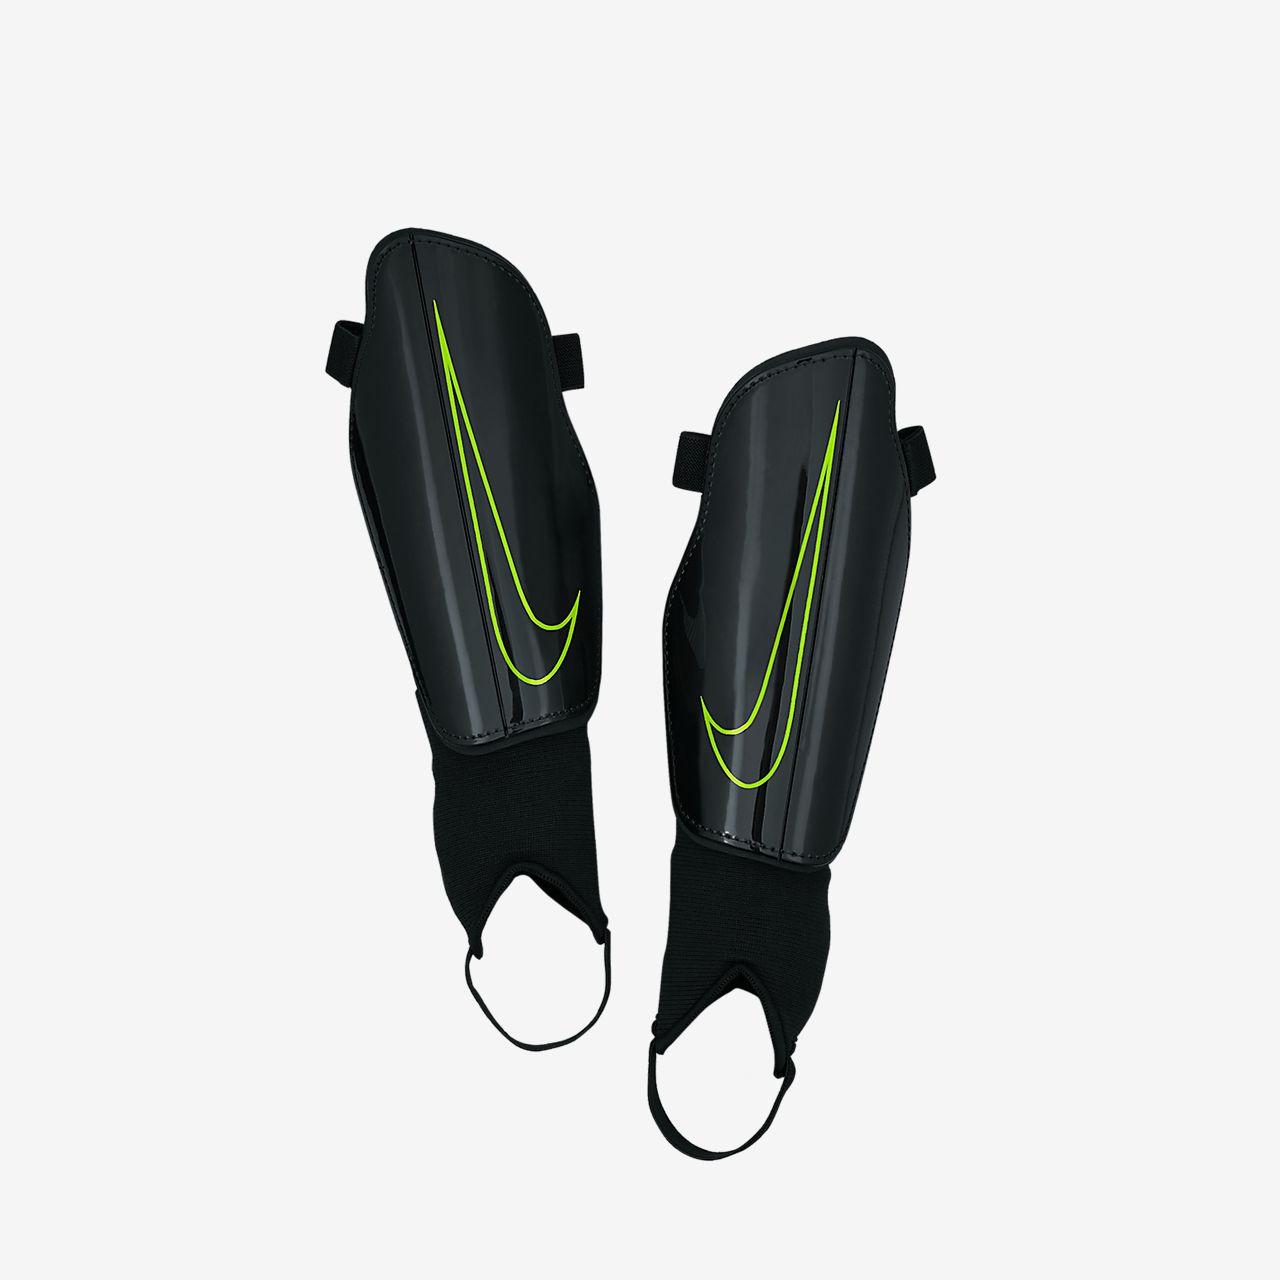 Caneleiras de futebol Nike Charge 2.0